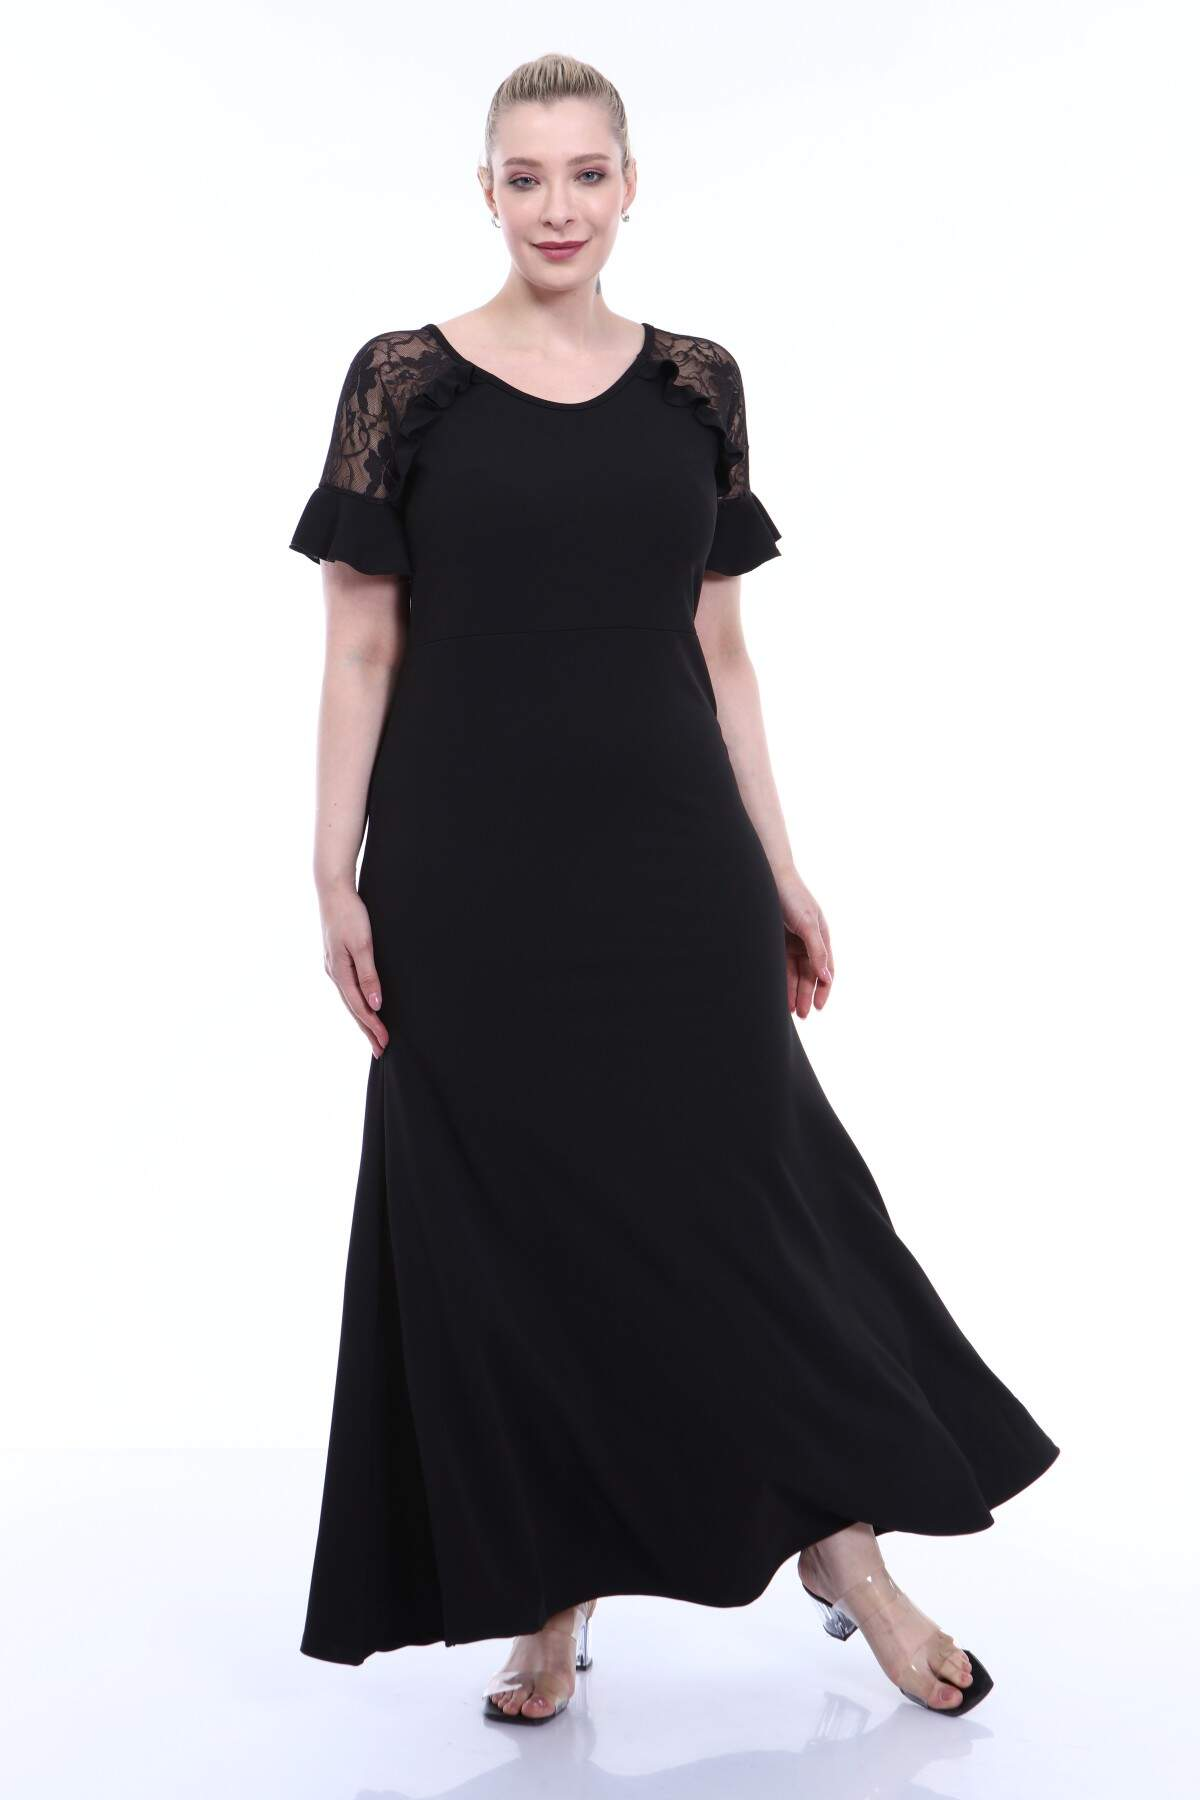 Büyük Beden Abiye Omuz Güpür Kısa Kollu Fırfır Detaylı Skuba Uzun Elbise Siyah 8013